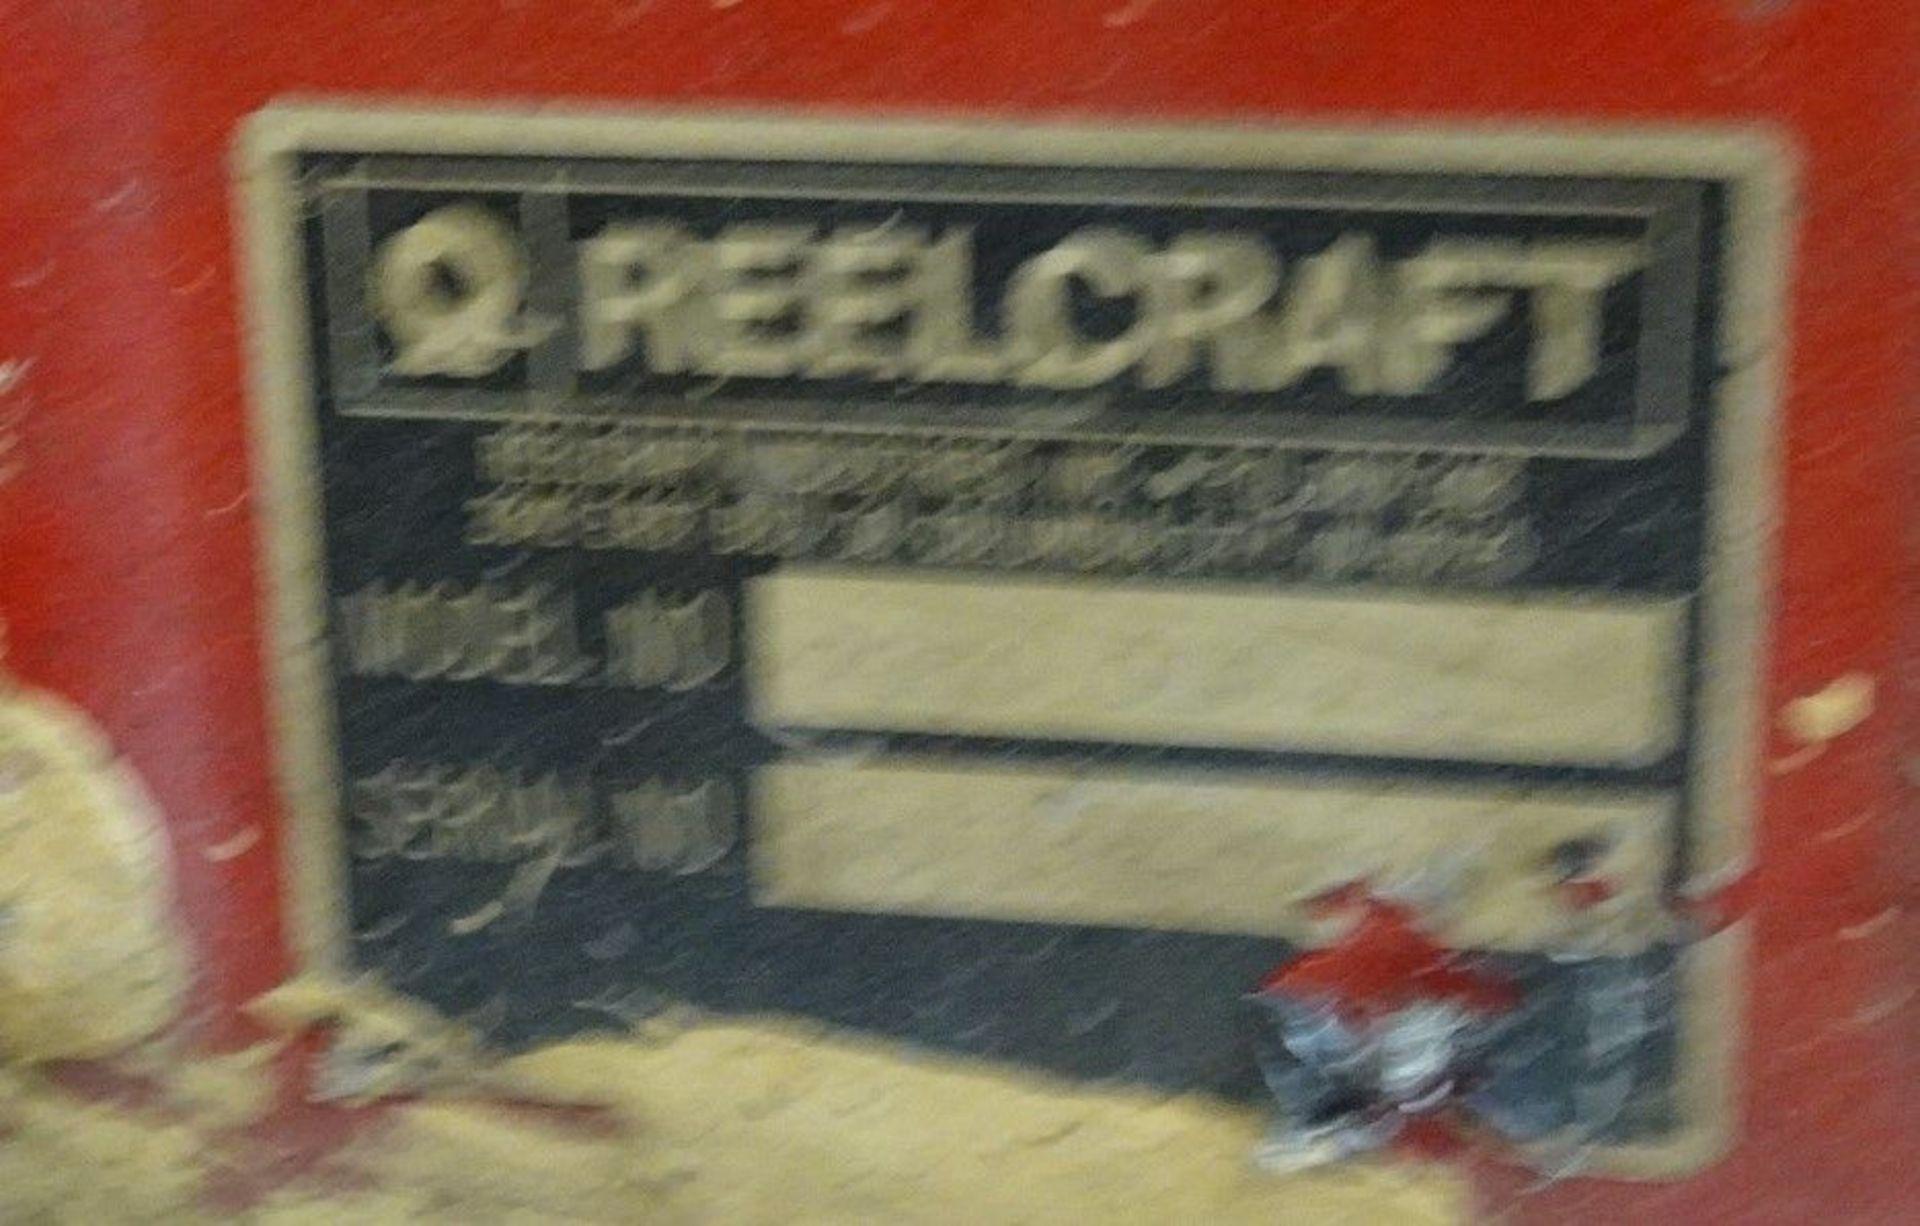 Lot 14 - REELCRAFT HOSE DISPENSER REEL